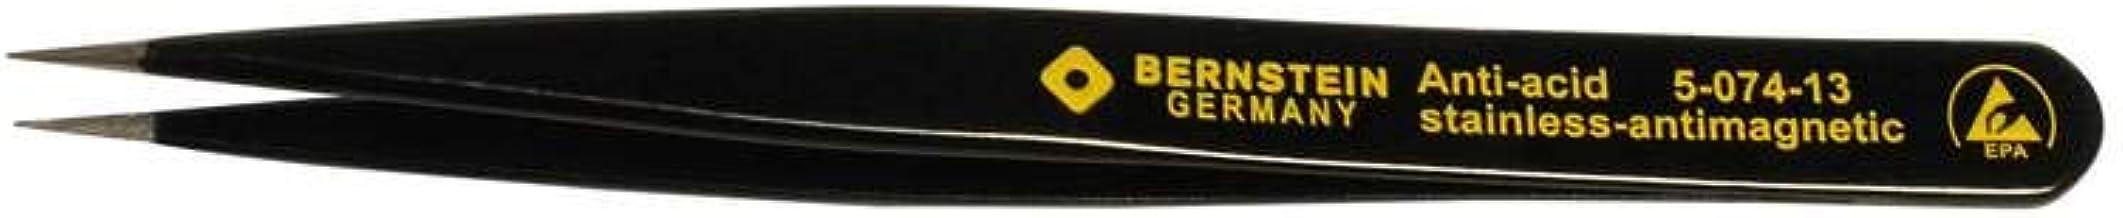 Bernstein 5-051-13 Pinzas de precisi/ón para componentes SMD 115 mm, rectas, puntiagudas, con recubrimiento ESD